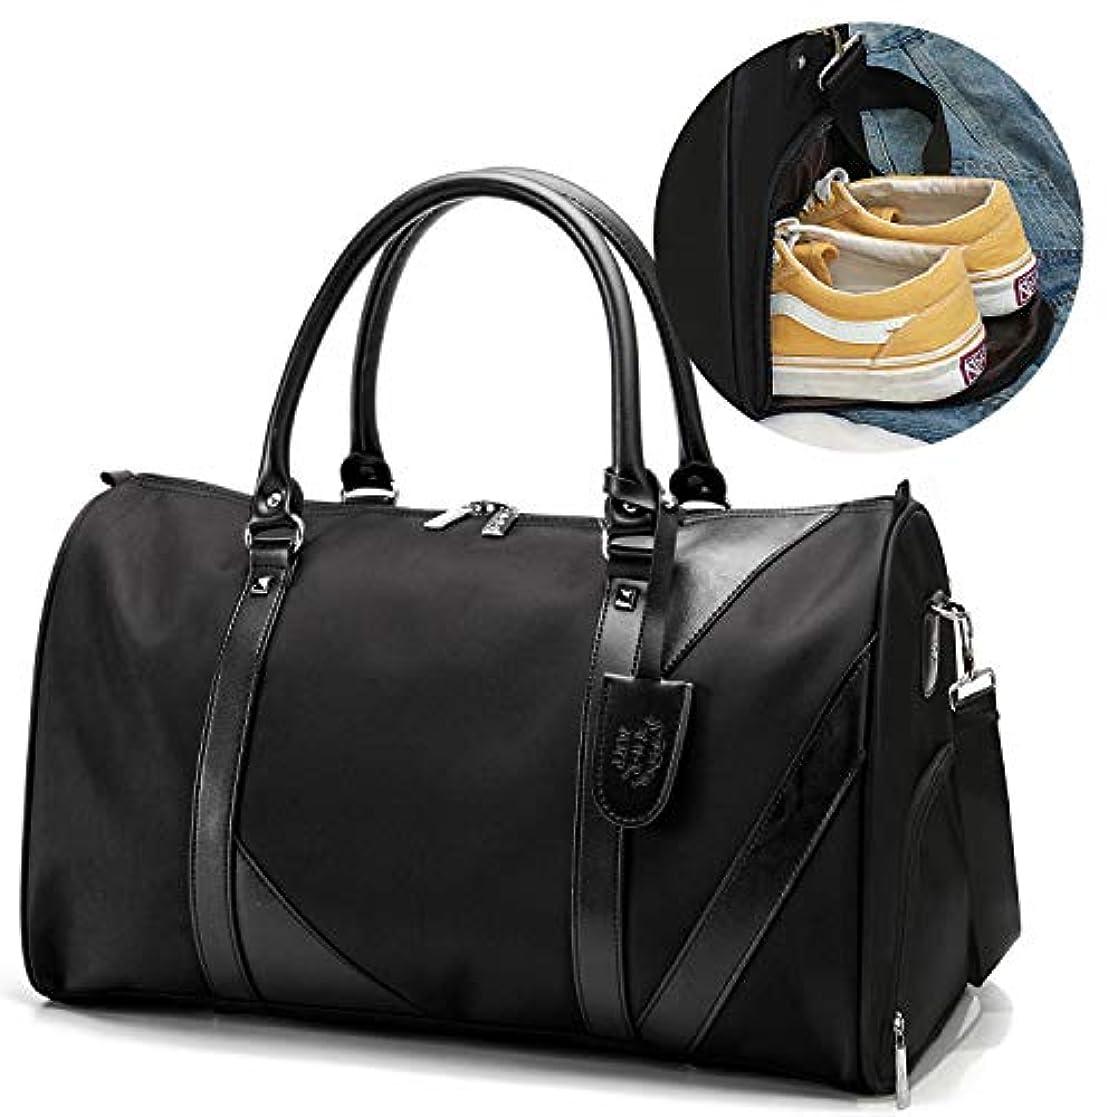 口頭天文学どっちでも[TcIFE]ボストンバッグ レディース メンズ スポーツダッフルバッグ ガーメントバッグ 大容量 修学 旅行トラベルバッグ シューズ収納バッグ